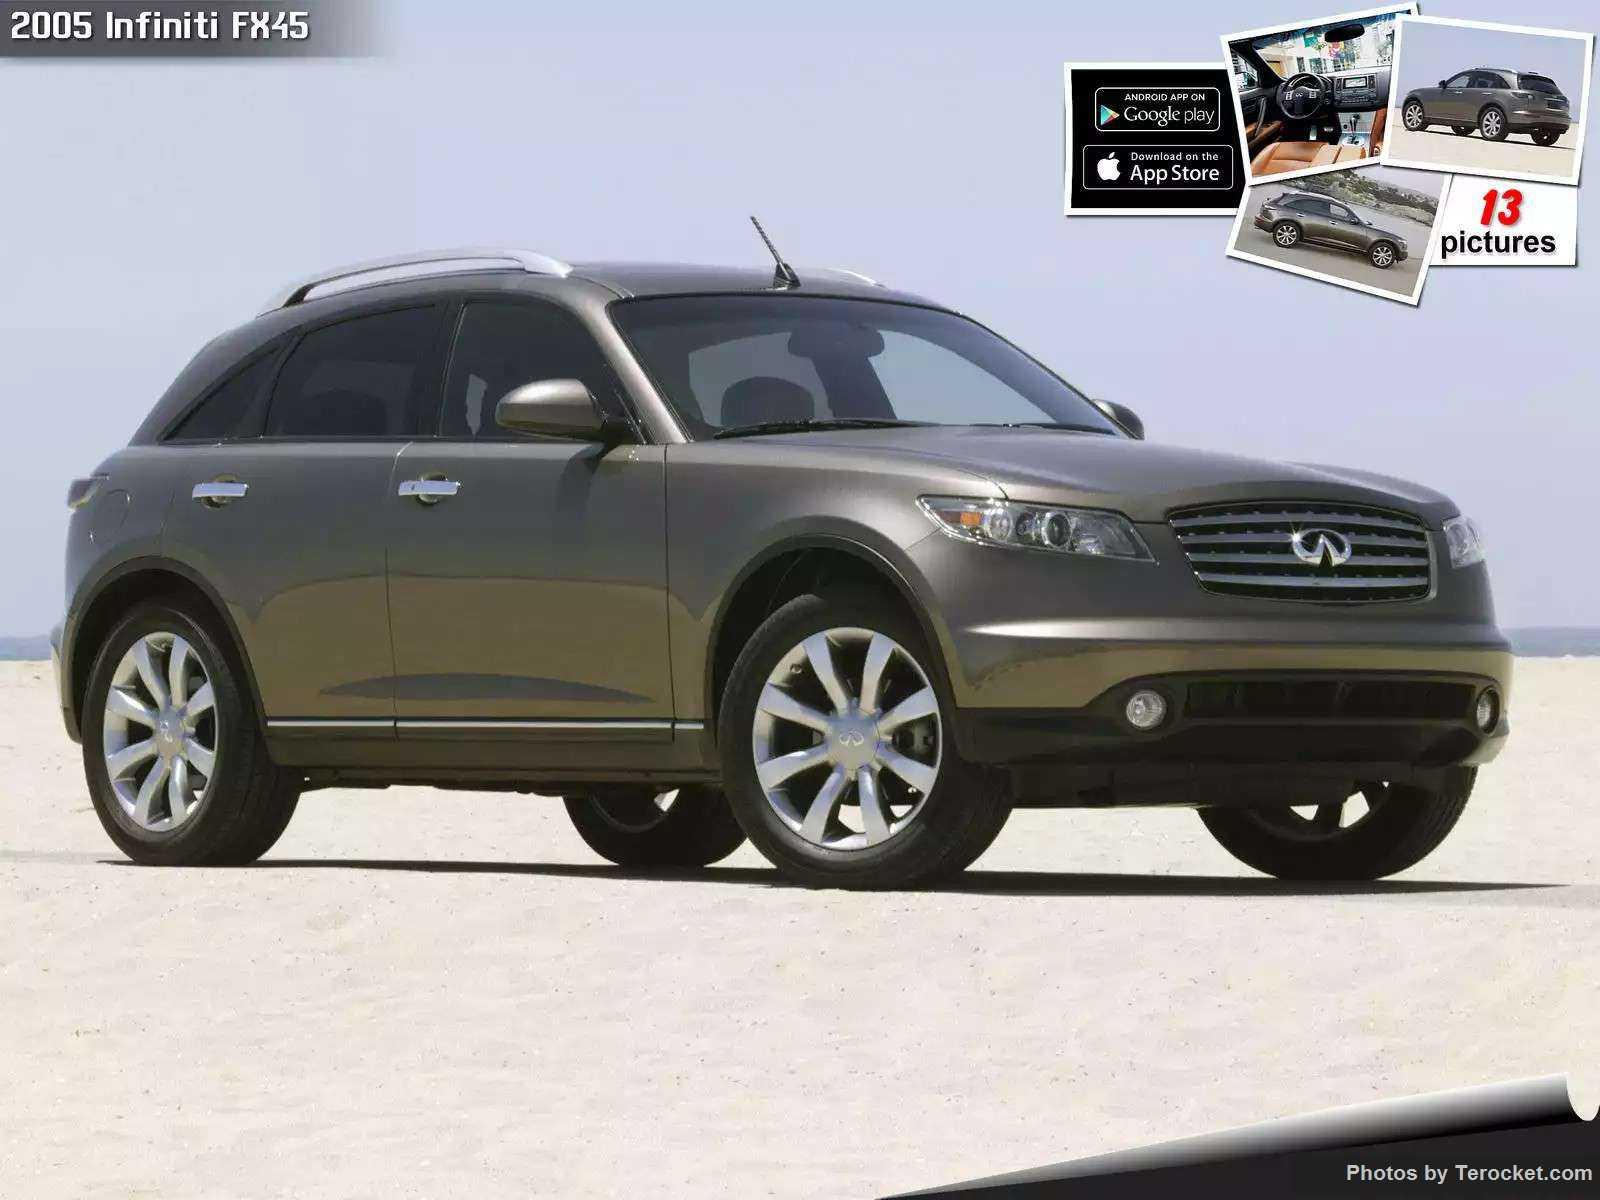 Hình ảnh xe ô tô Infiniti FX45 2005 & nội ngoại thất